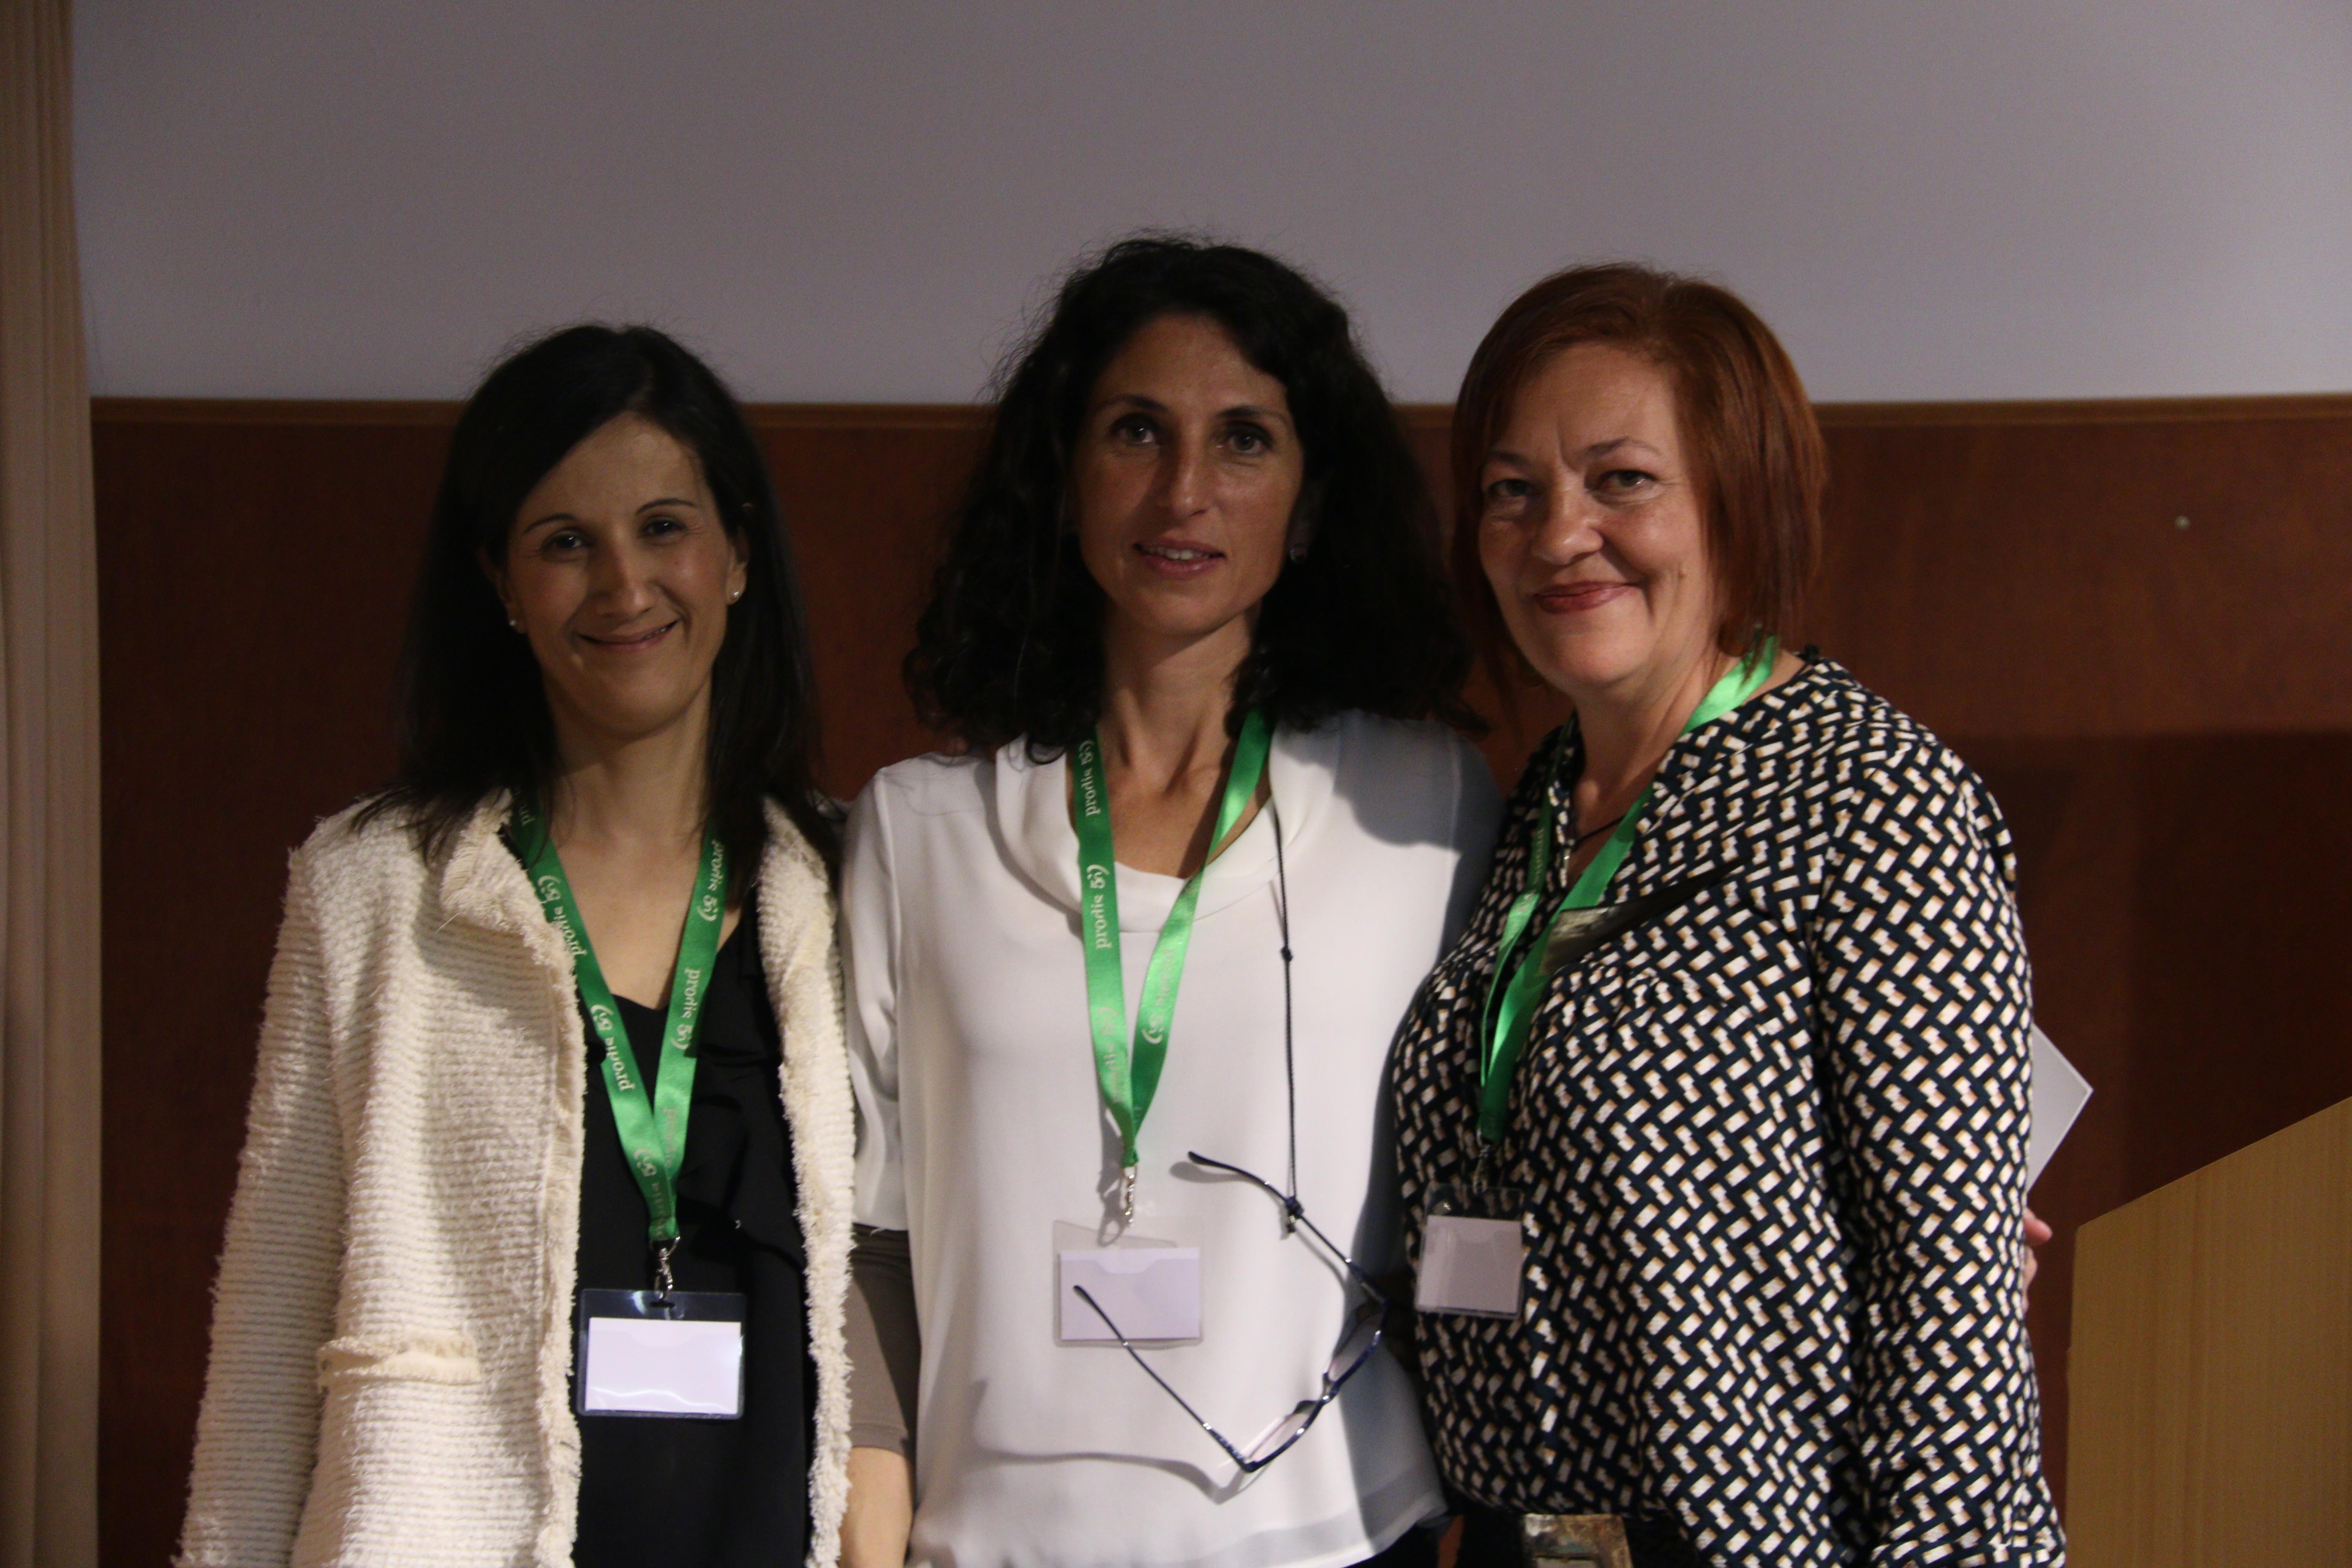 Àngels Carreras, Anna Garcia i Mercè Miró